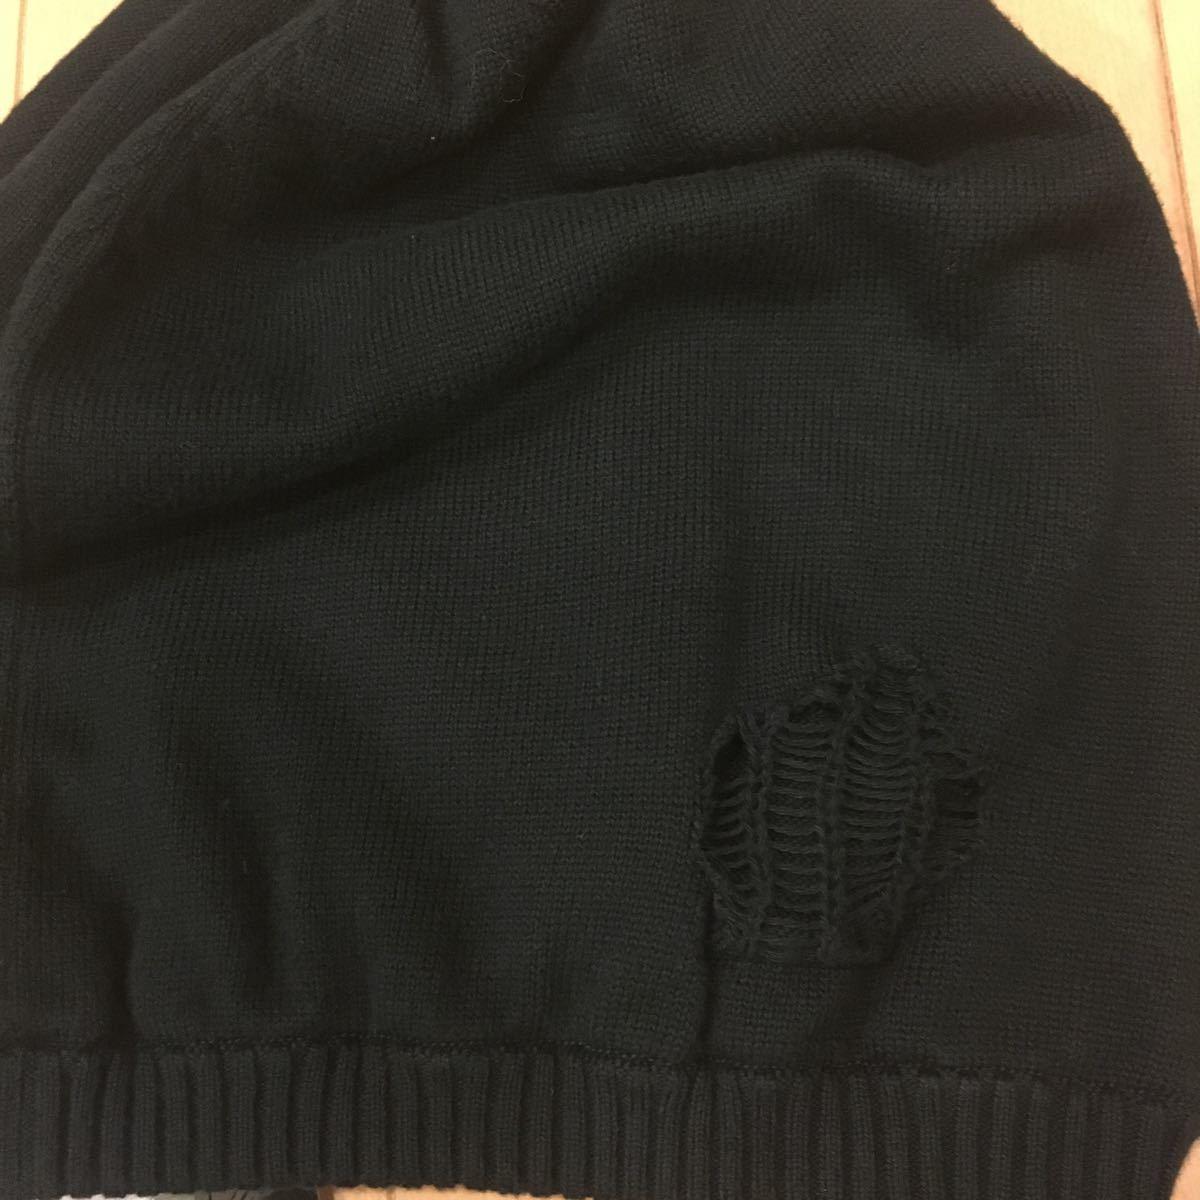 新品未使用タグ付き 13SS mastermind JAPAN DAMAGE KNIT CAP 黒 M マスターマインド ニットキャップ ニット帽 ビーニー_画像5